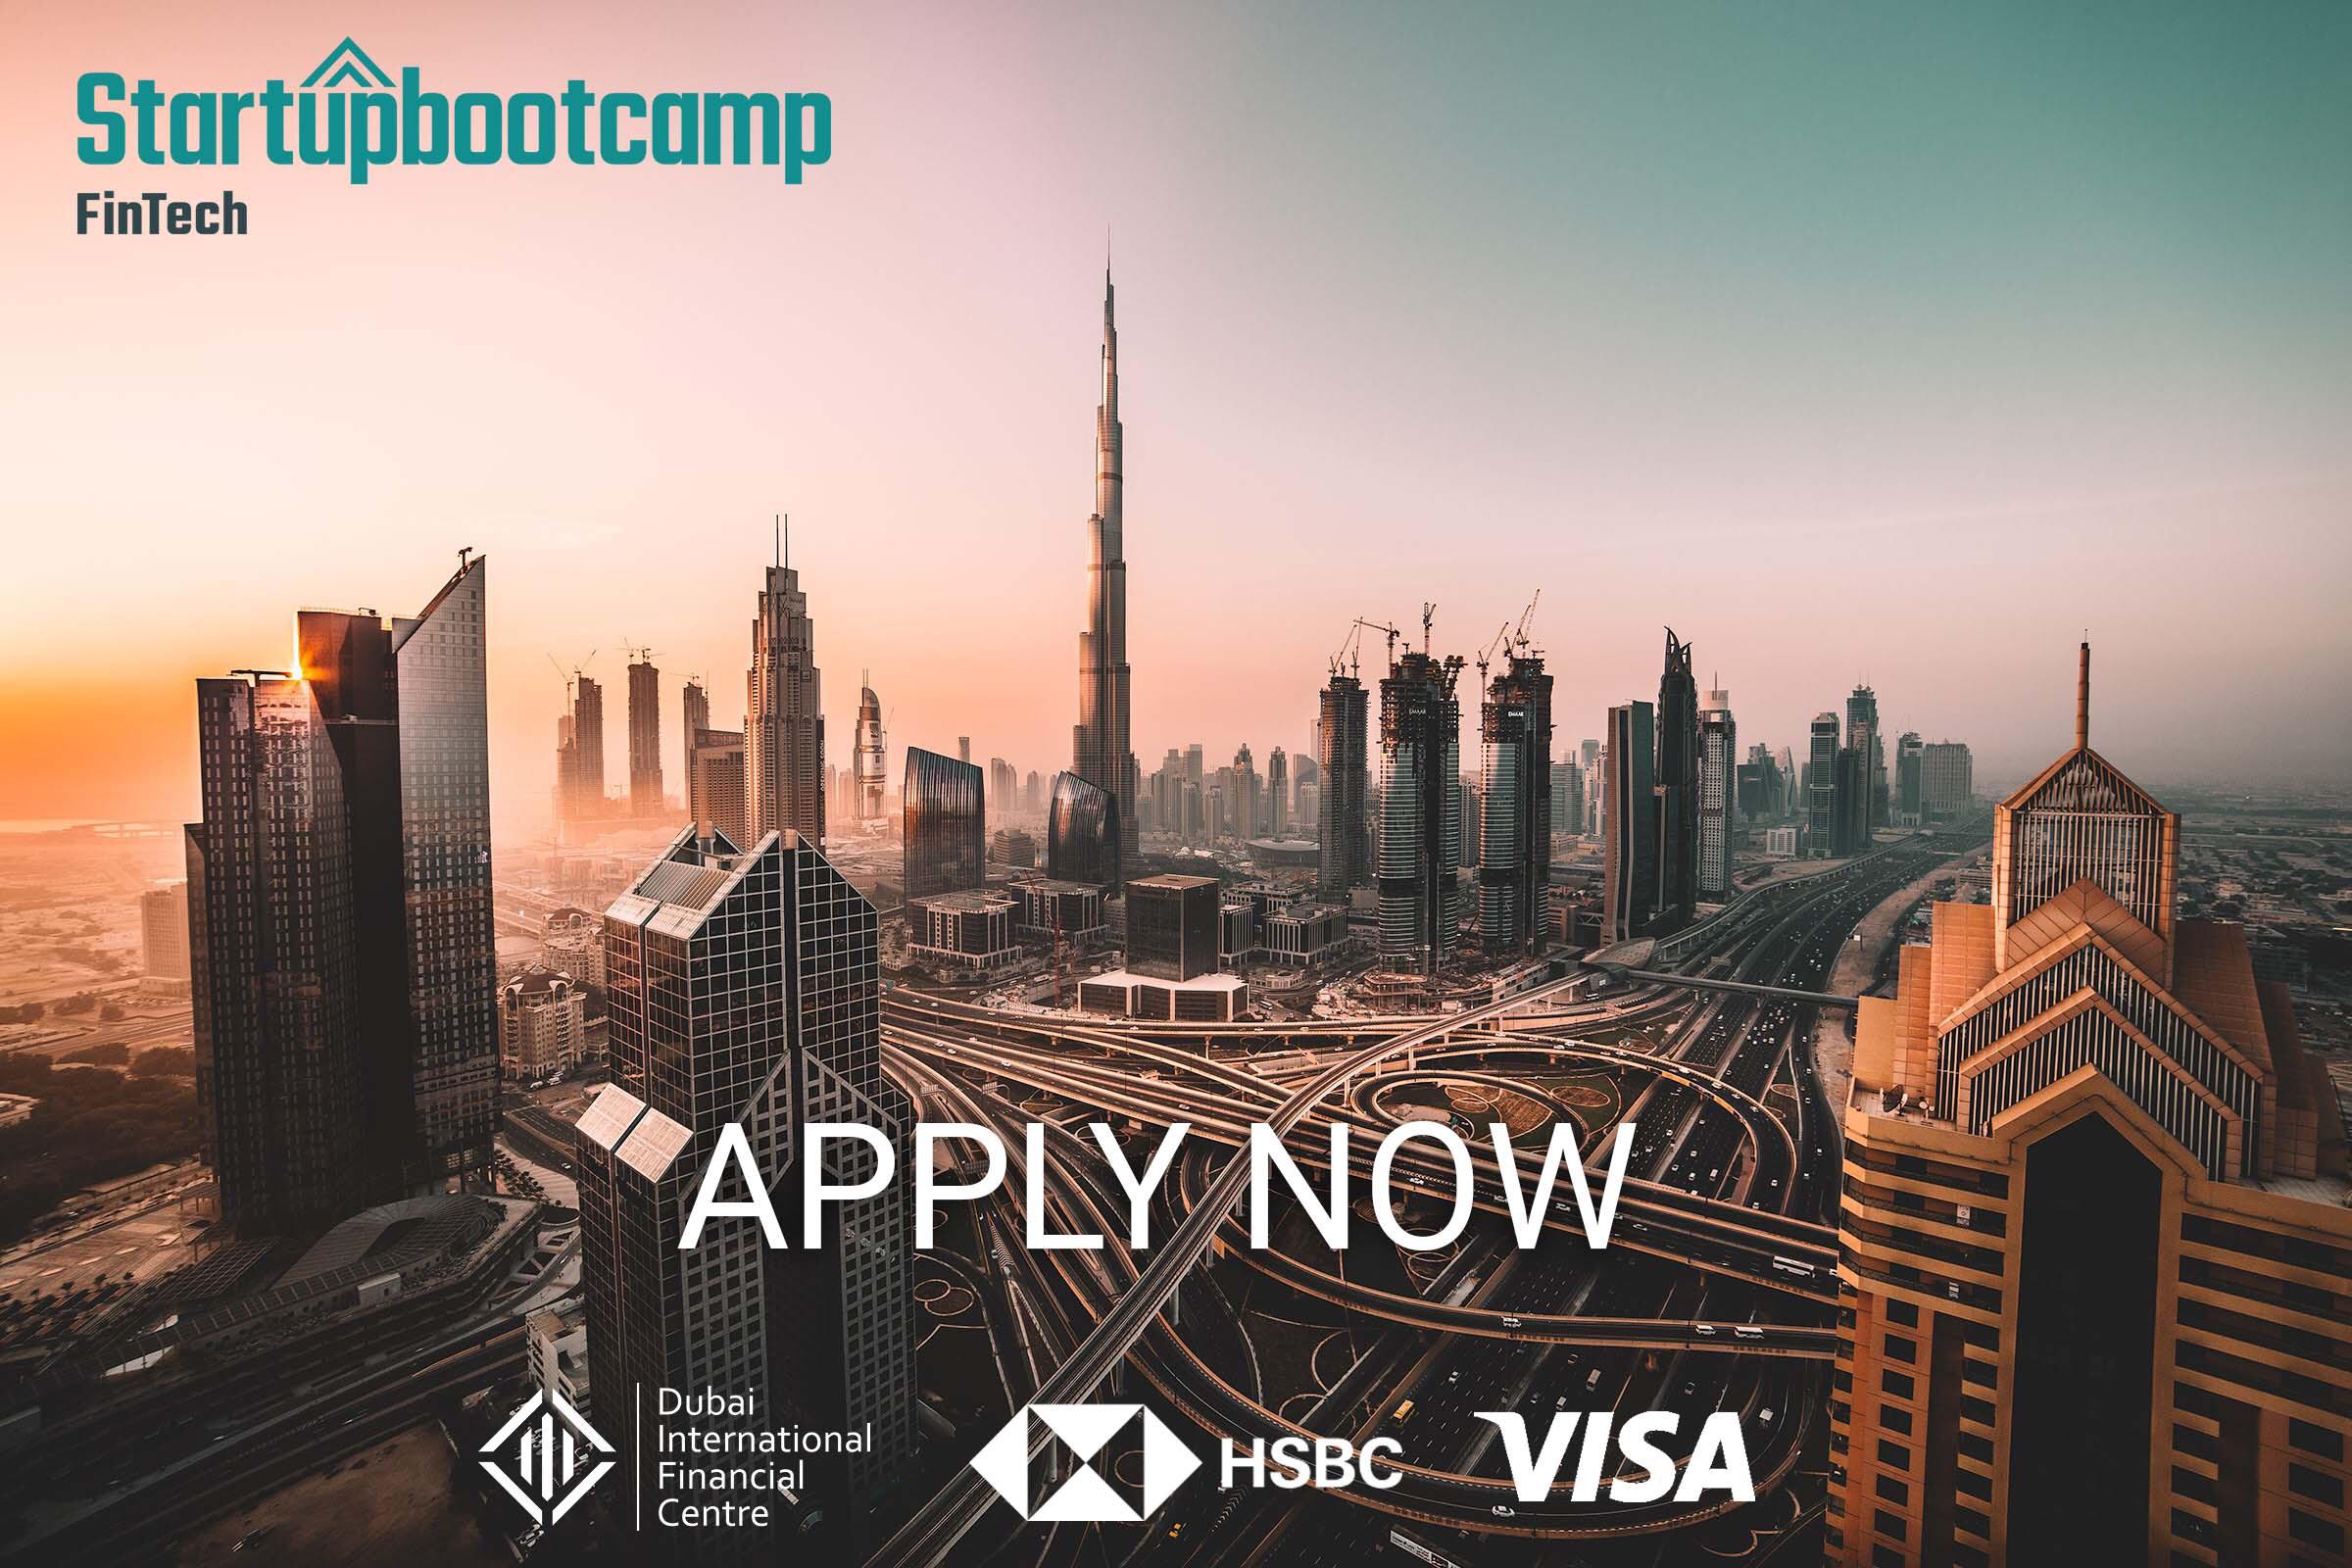 FinTech Dubai